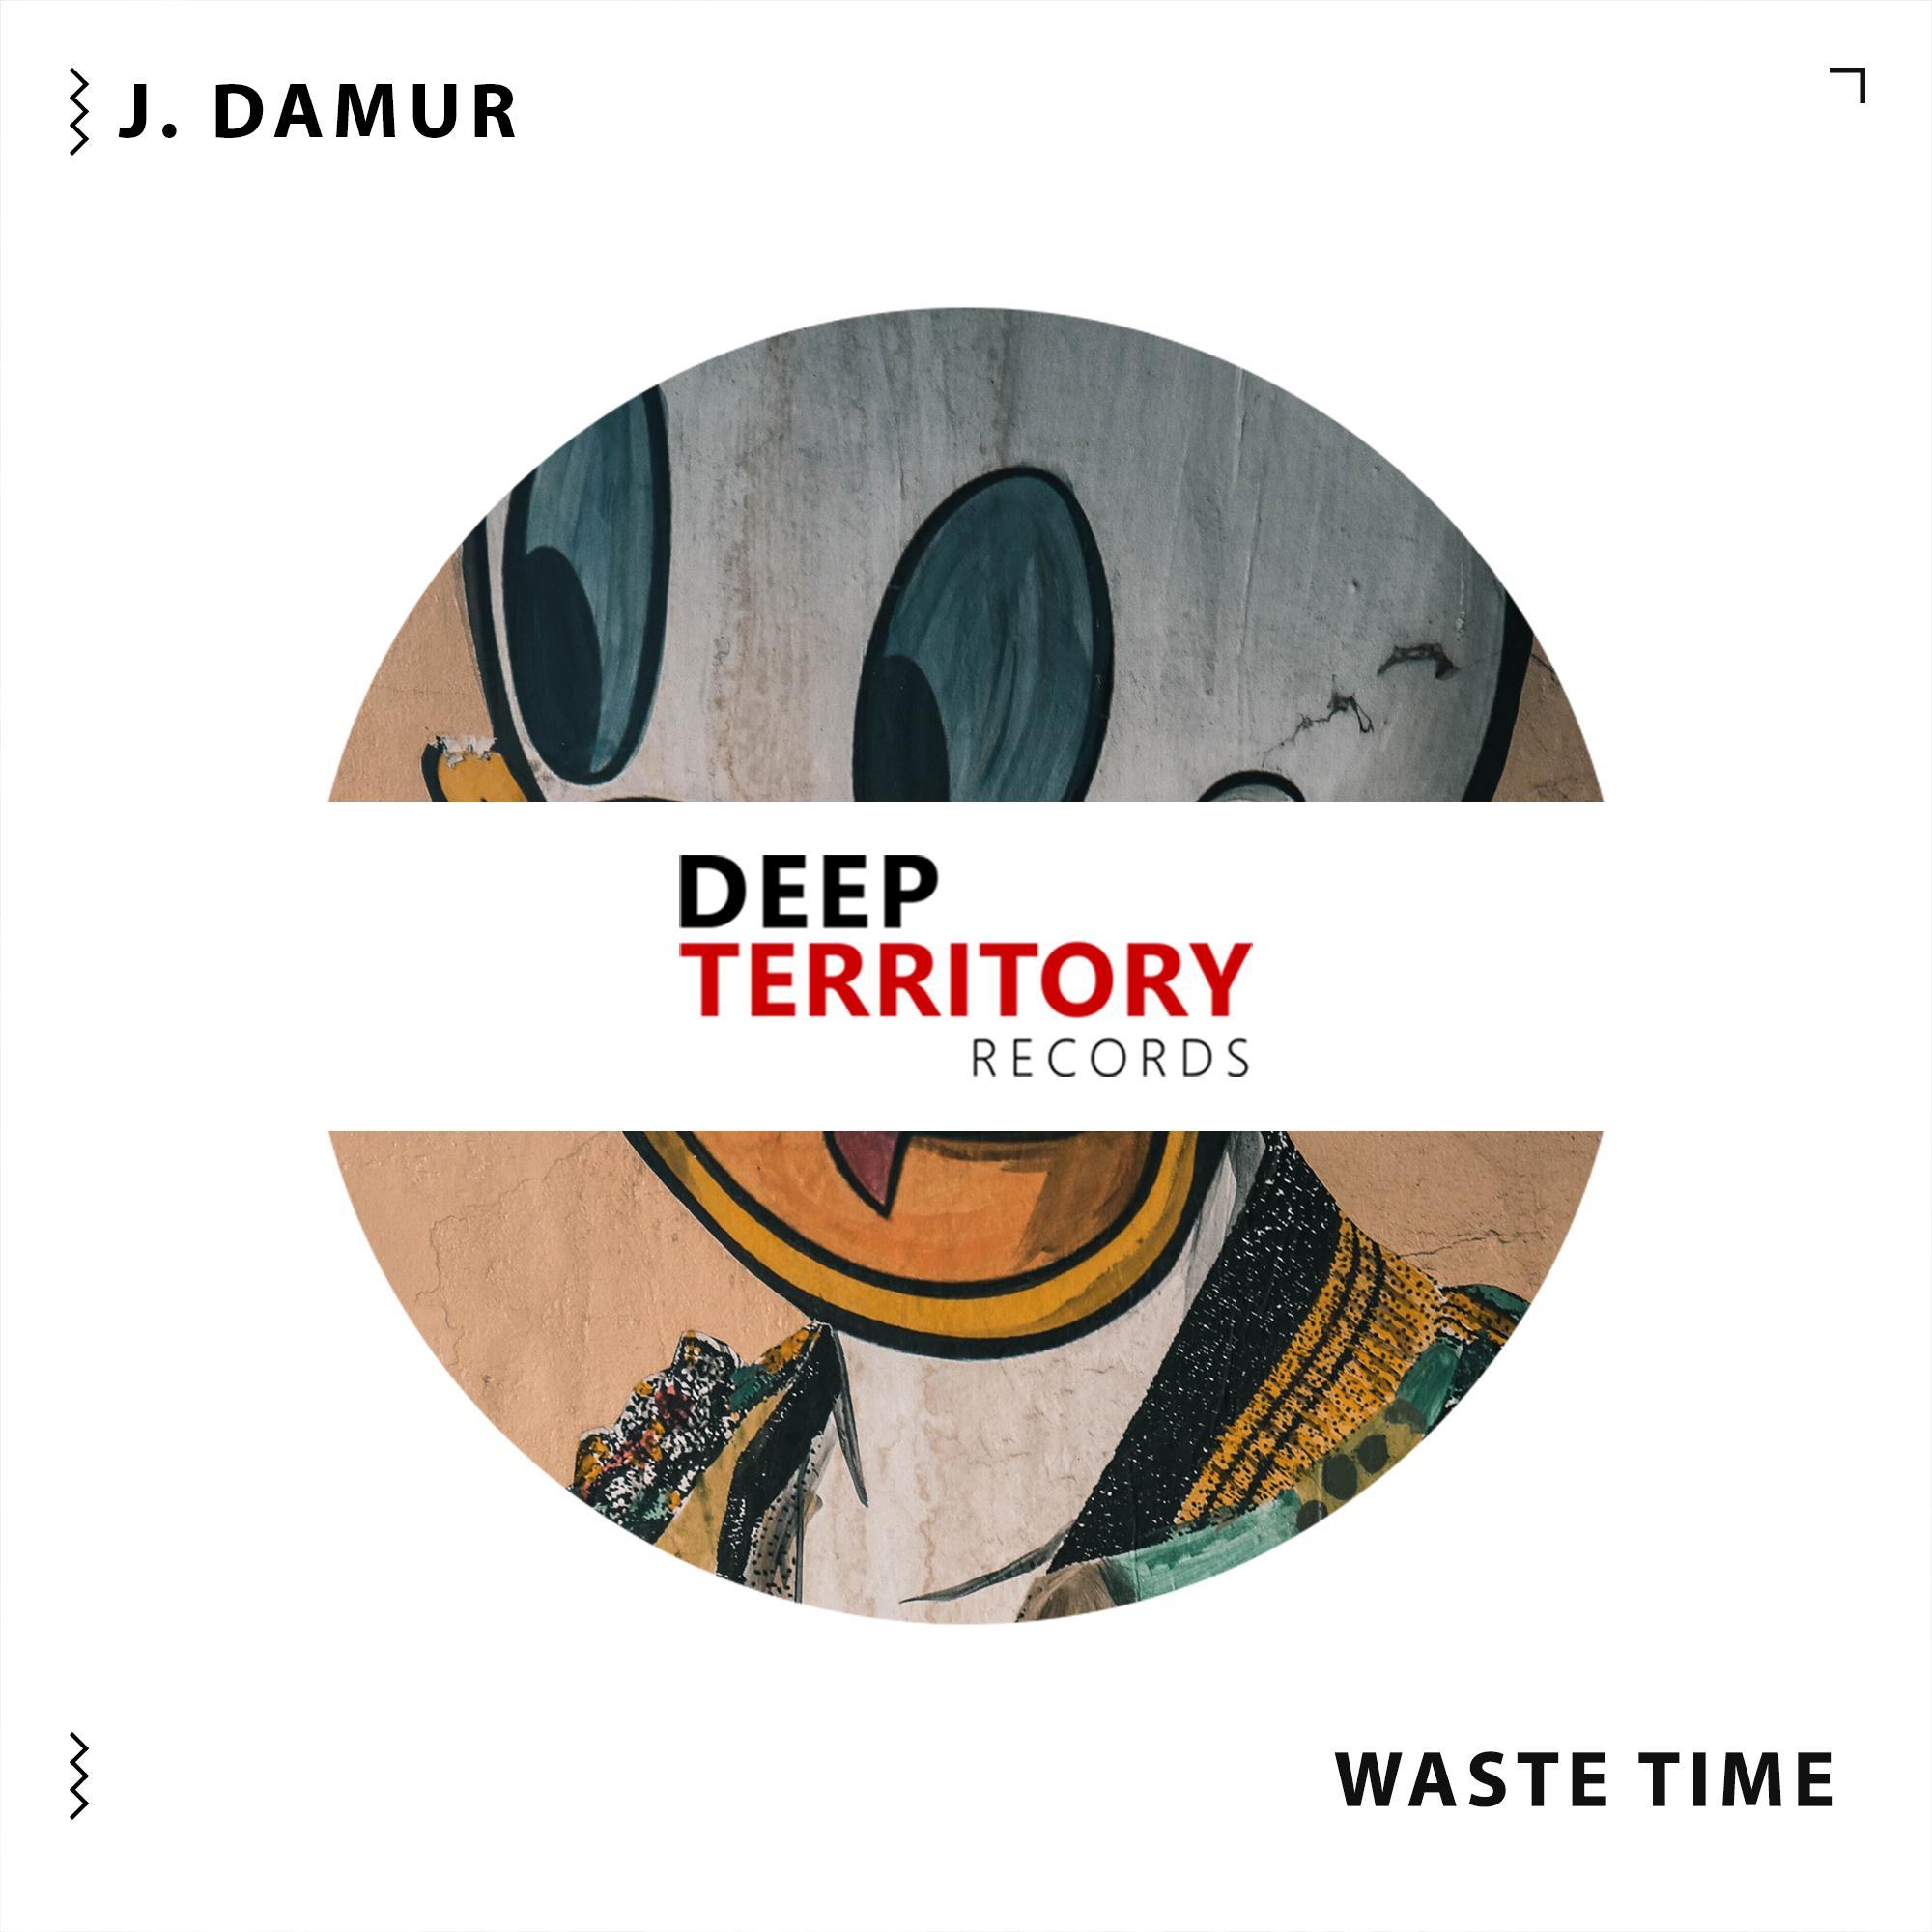 j. damur waste time